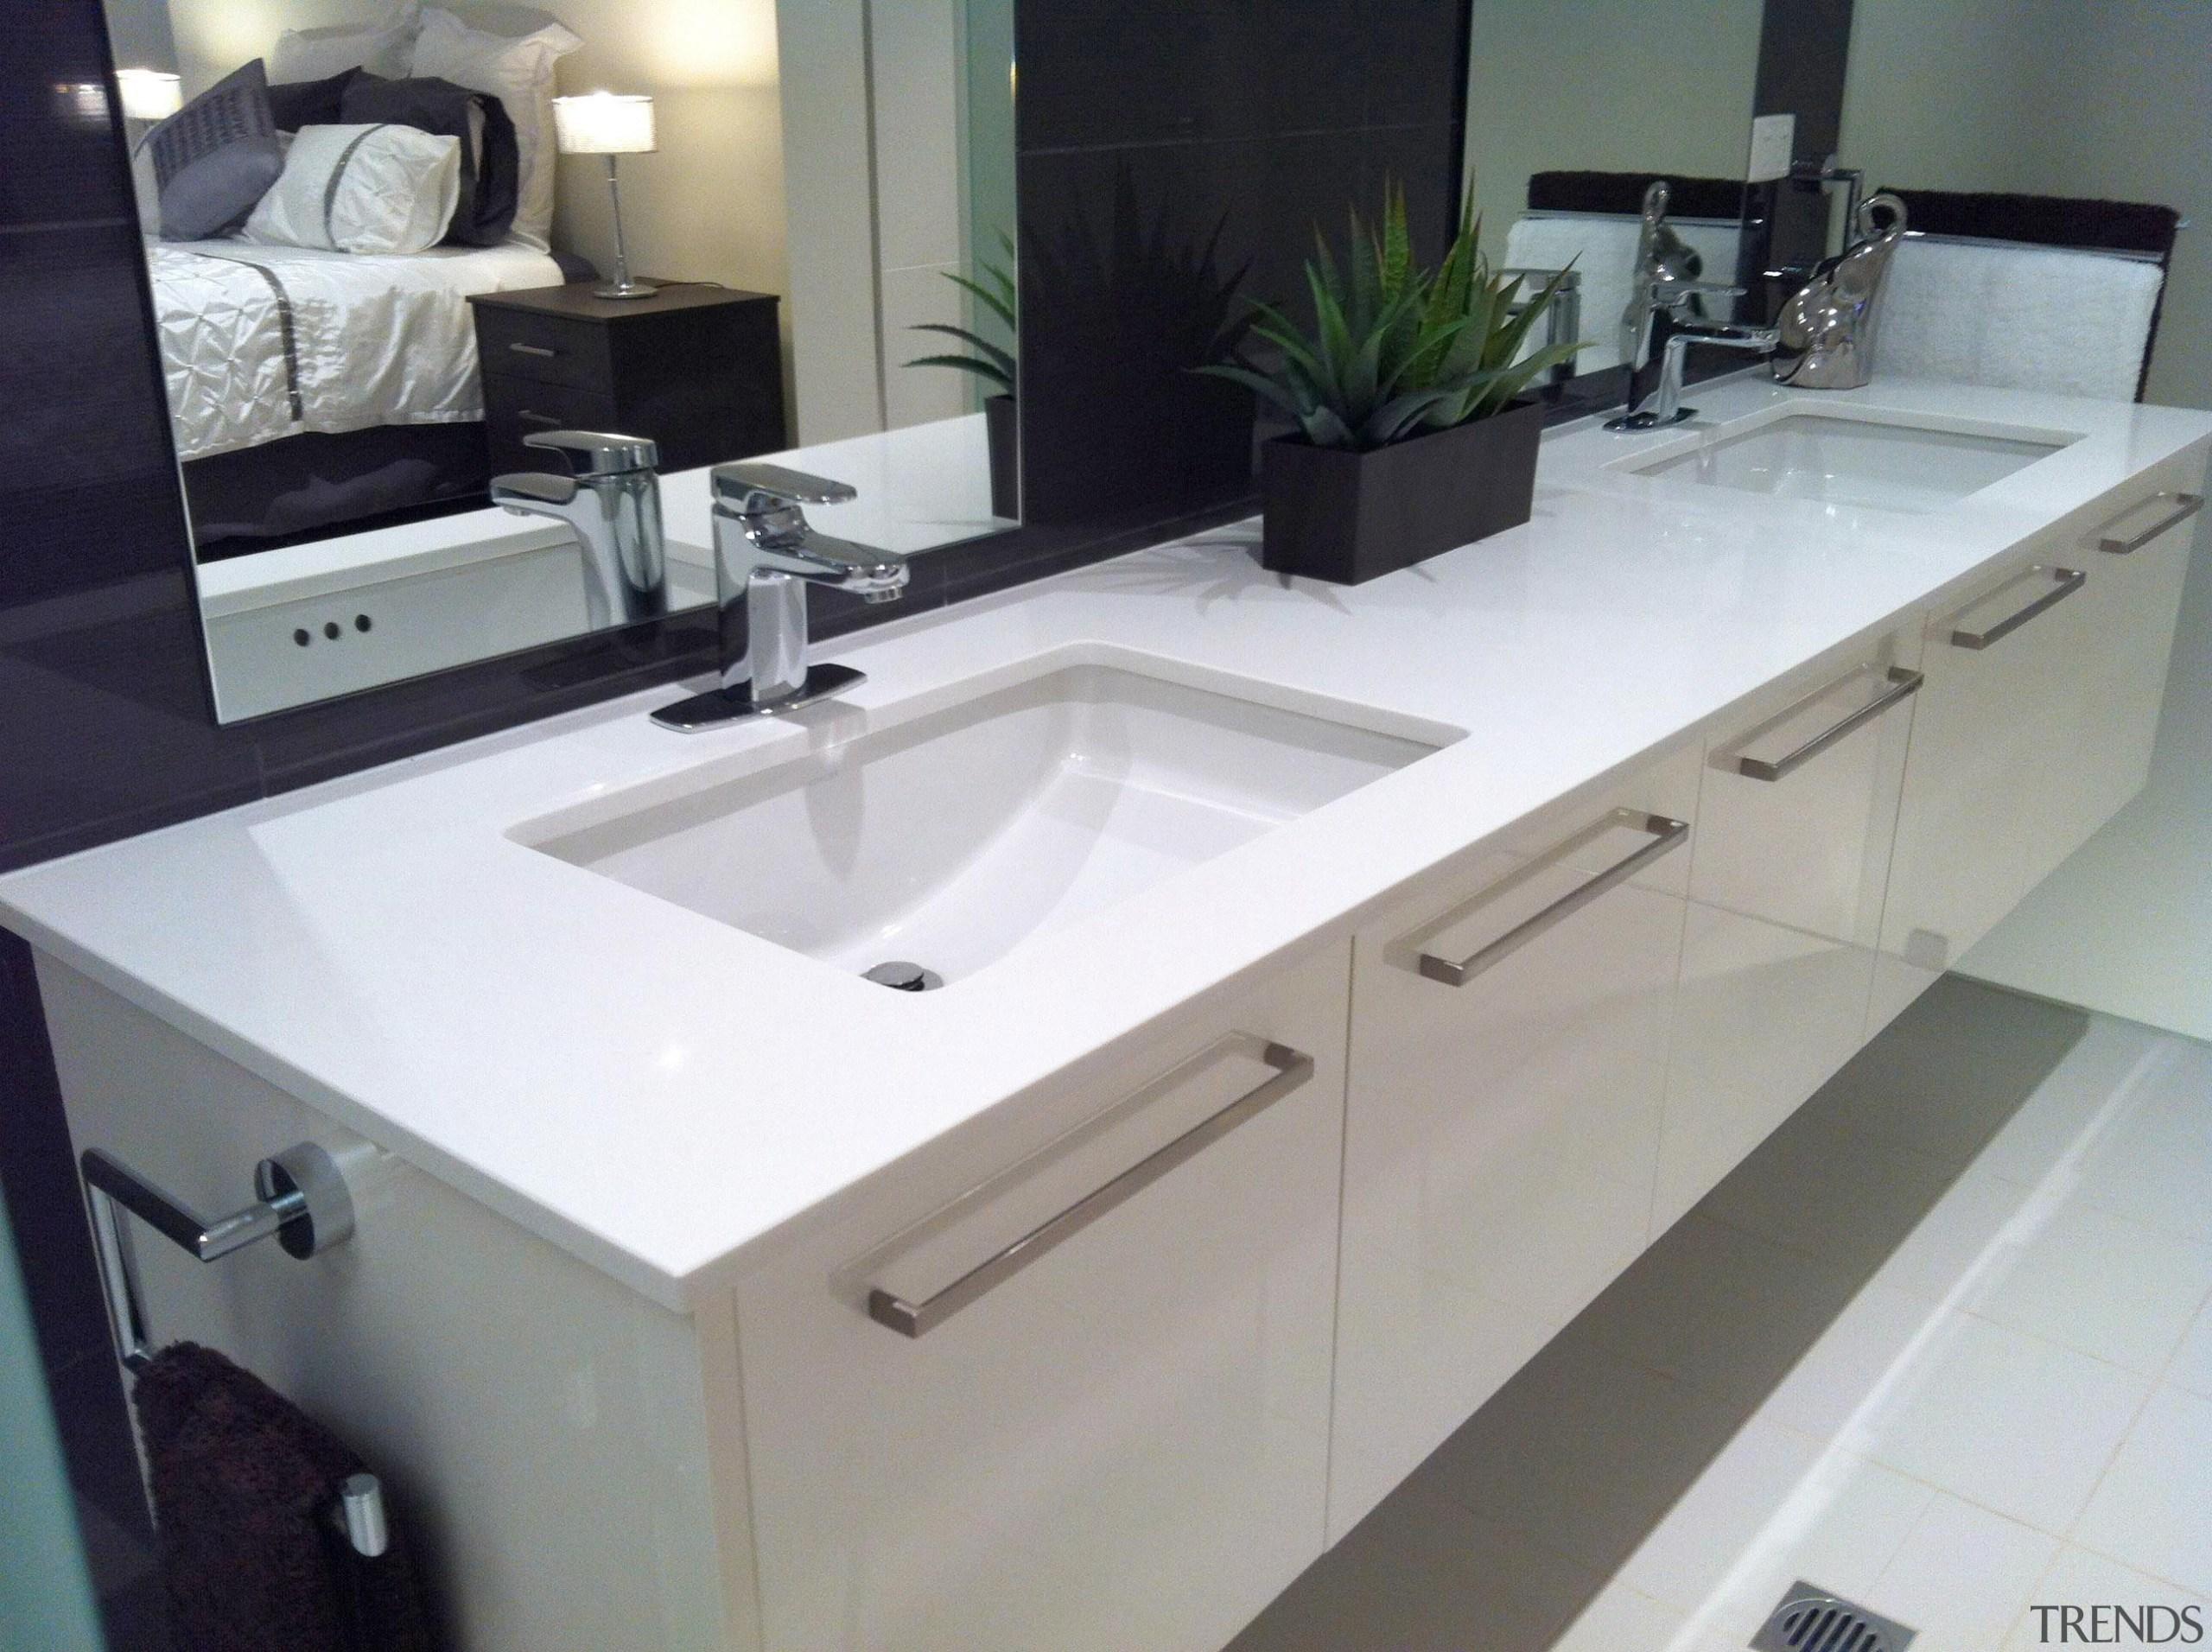 Winner Bathroom Design of the Year Northern Territory bathroom, bathroom accessory, bathroom sink, countertop, kitchen, plumbing fixture, product design, sink, gray